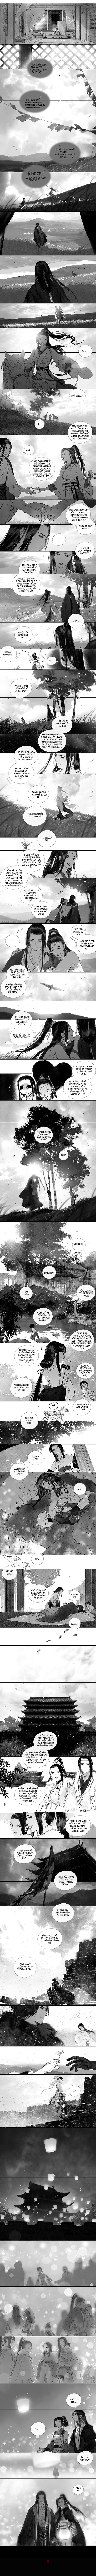 Sơn Hà Ngân Gian (20) ( Chương cuối: Nhất thế trường trữ ) - Y Xuy - By Nguyệt Lệ Các.